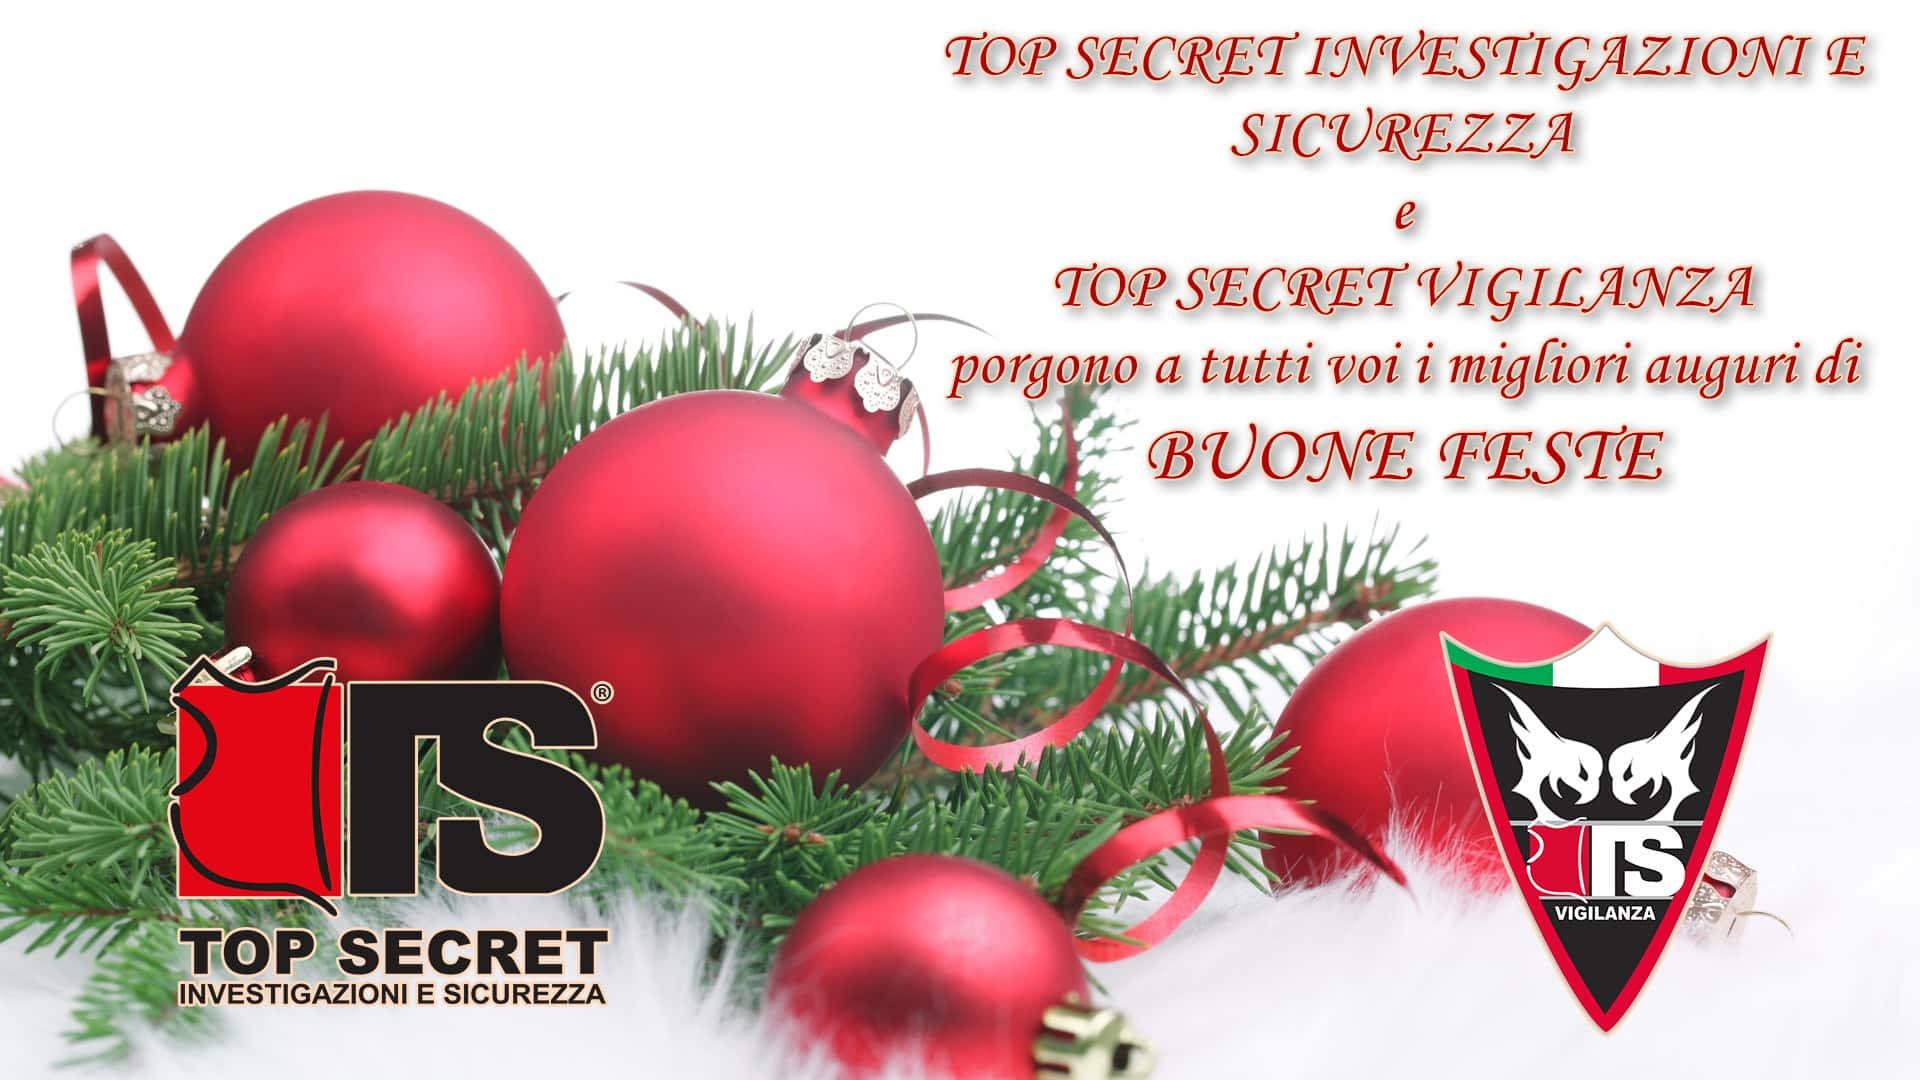 Auguri Professionali Di Natale.Auguri Natale Top Secret Topsecret Investigazioni E Sicurezza